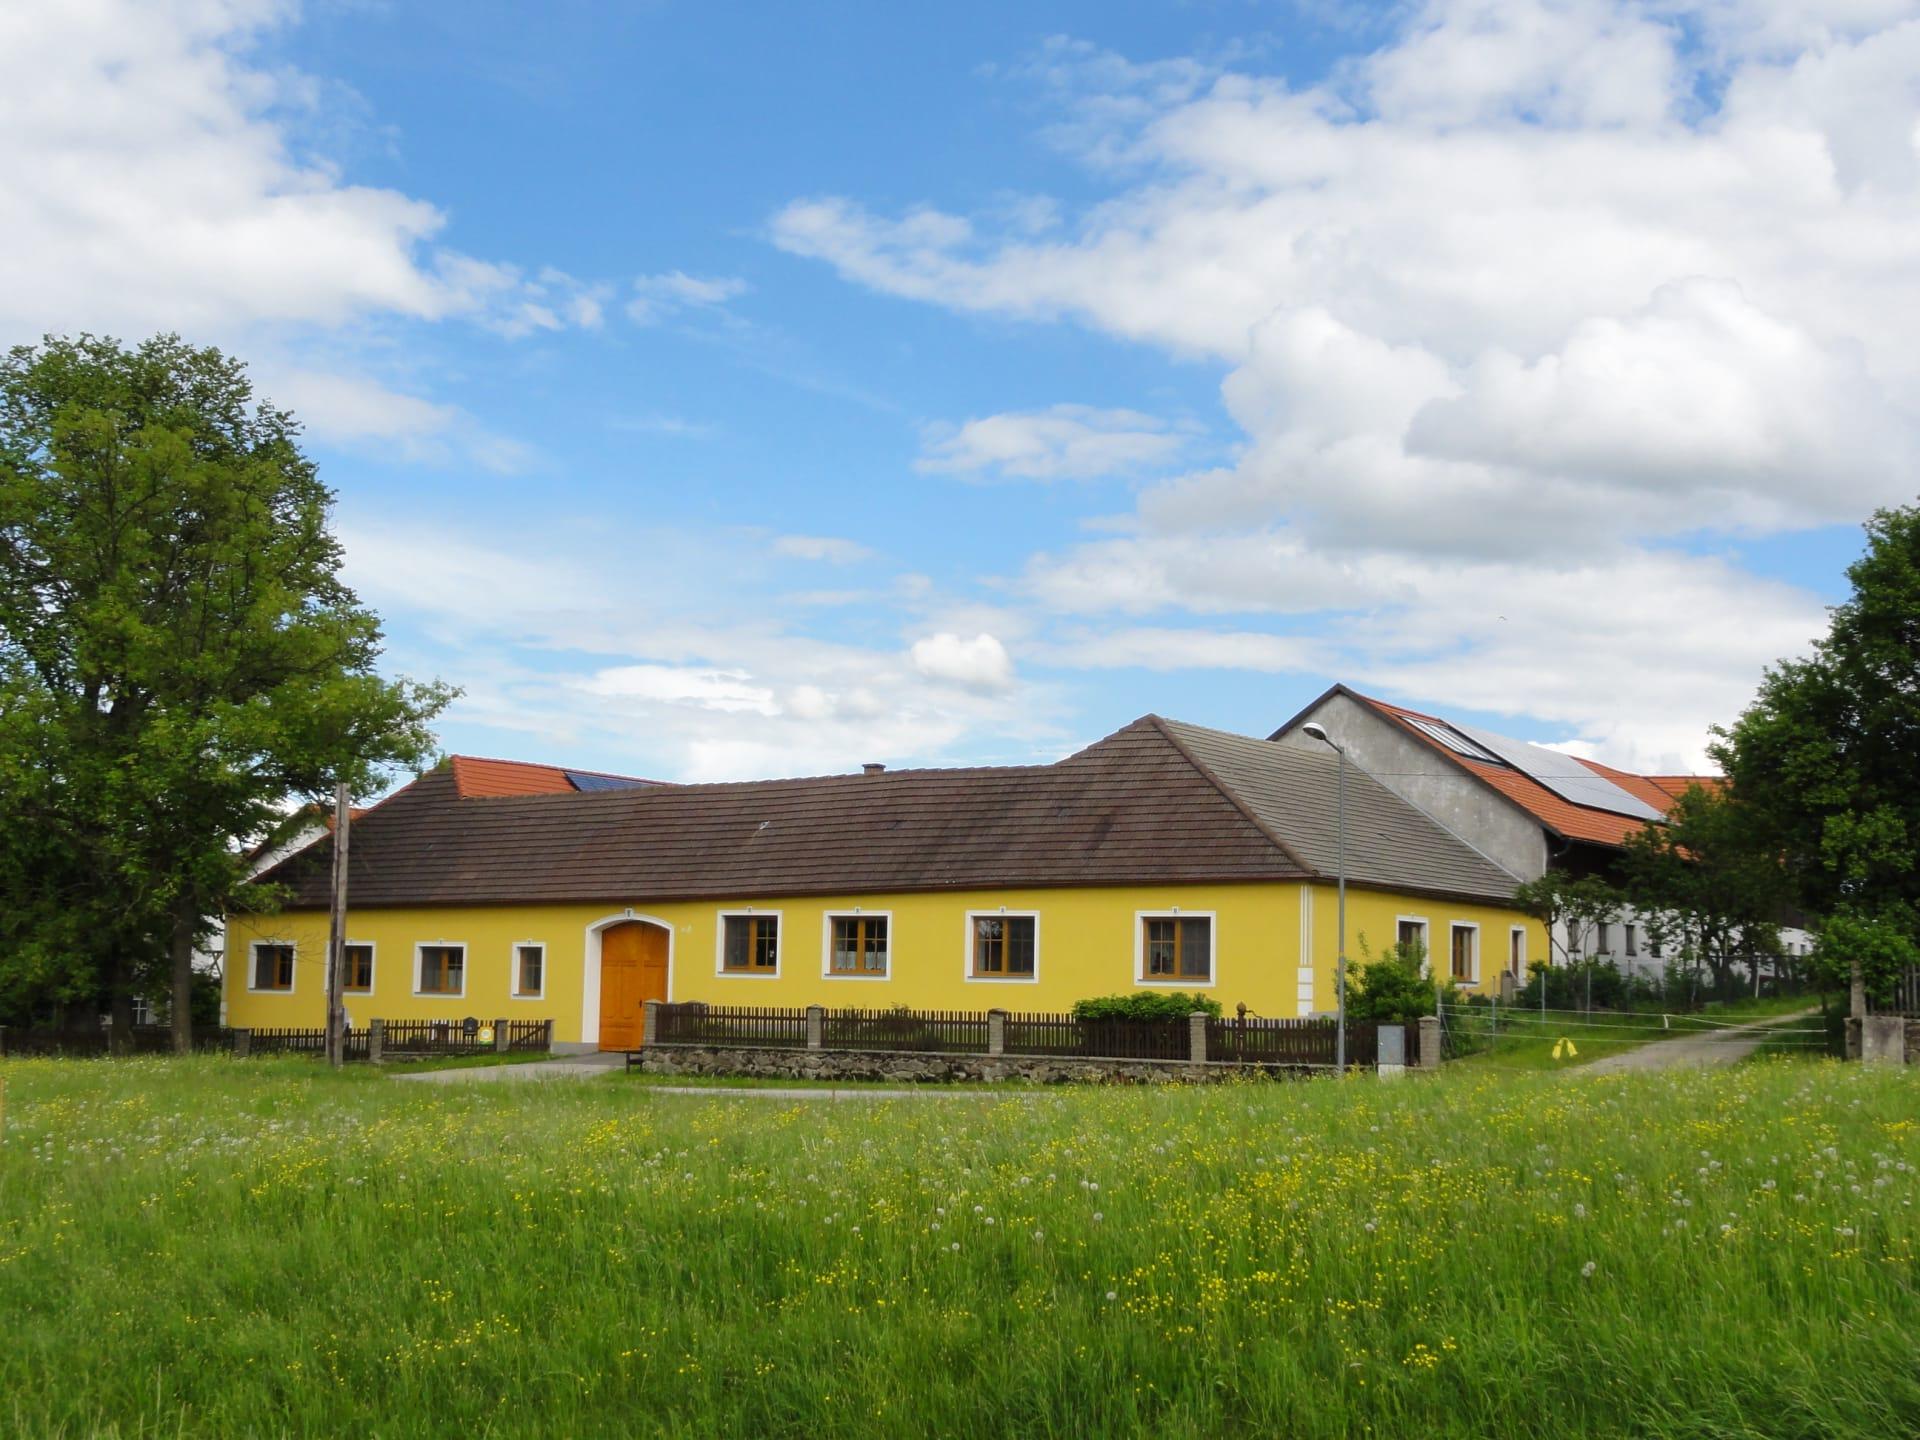 Biohof Weißensteiner